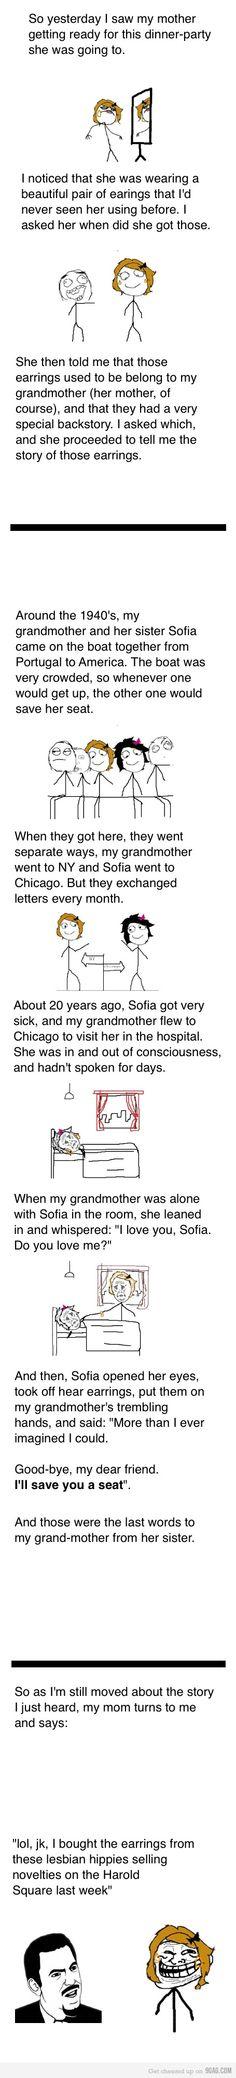 Hahahaha I definitely wasn't expecting that to happen!!!!